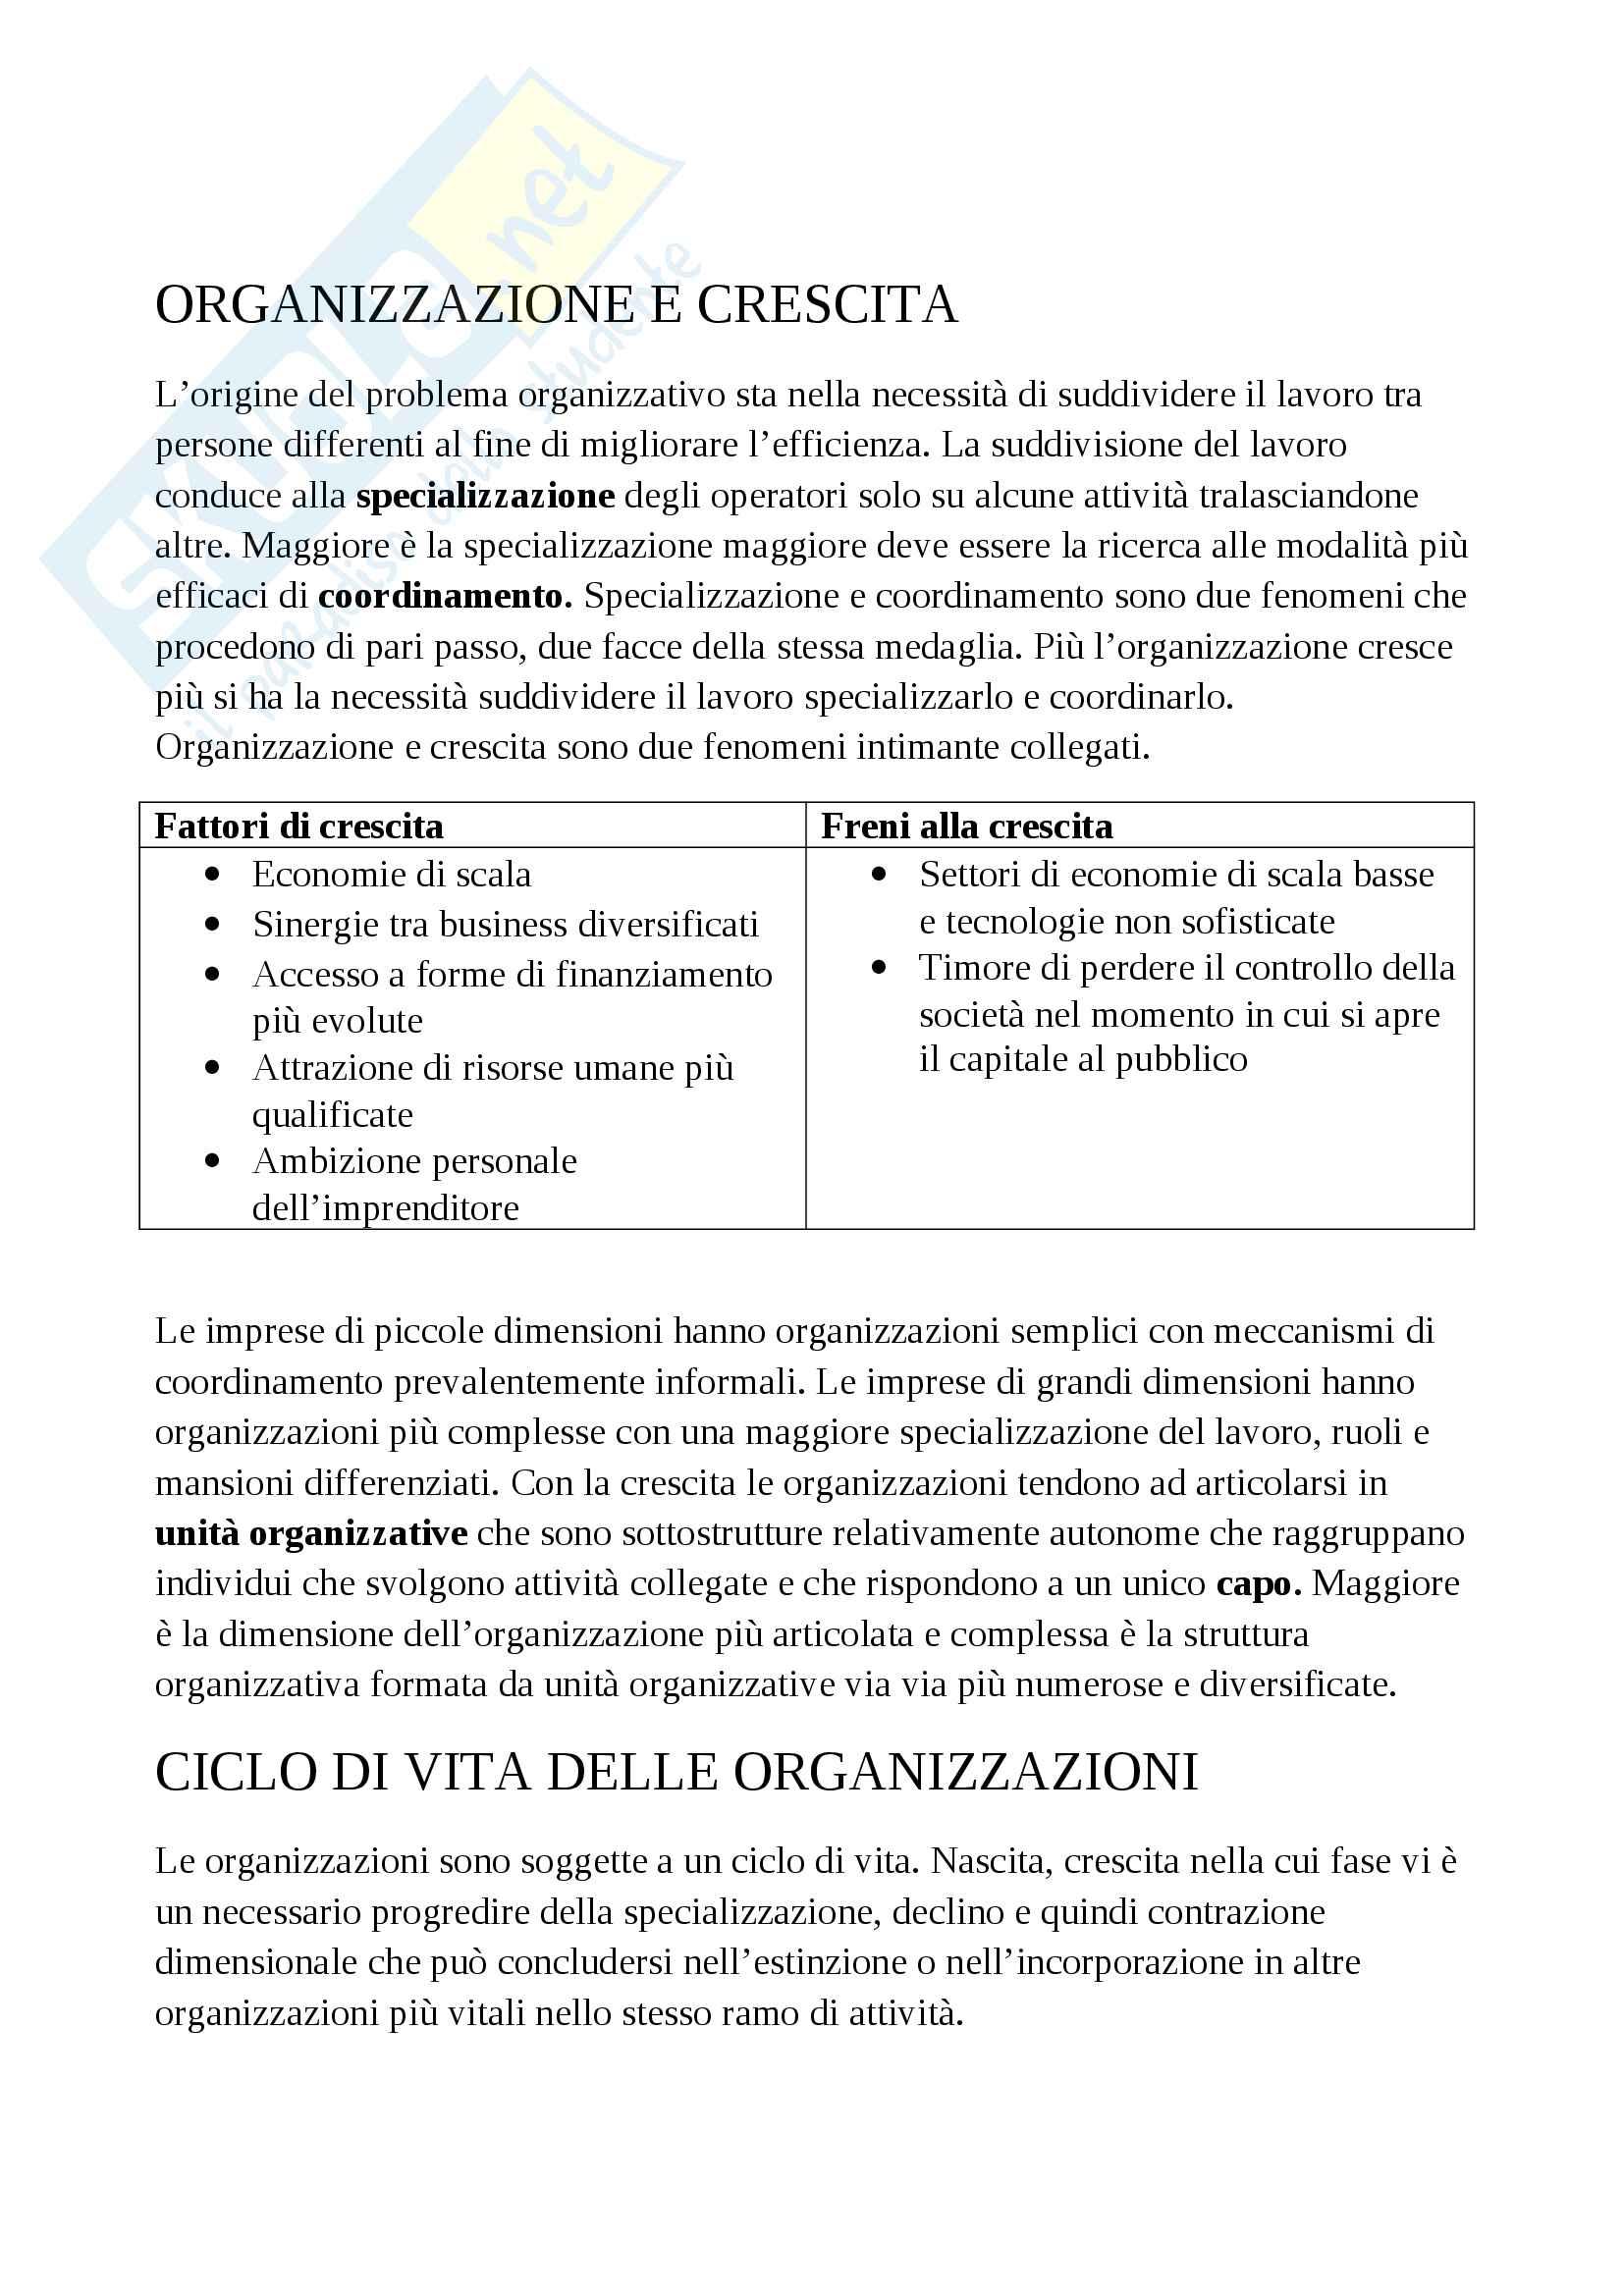 Gestione aziendale - Riassunto Pag. 2